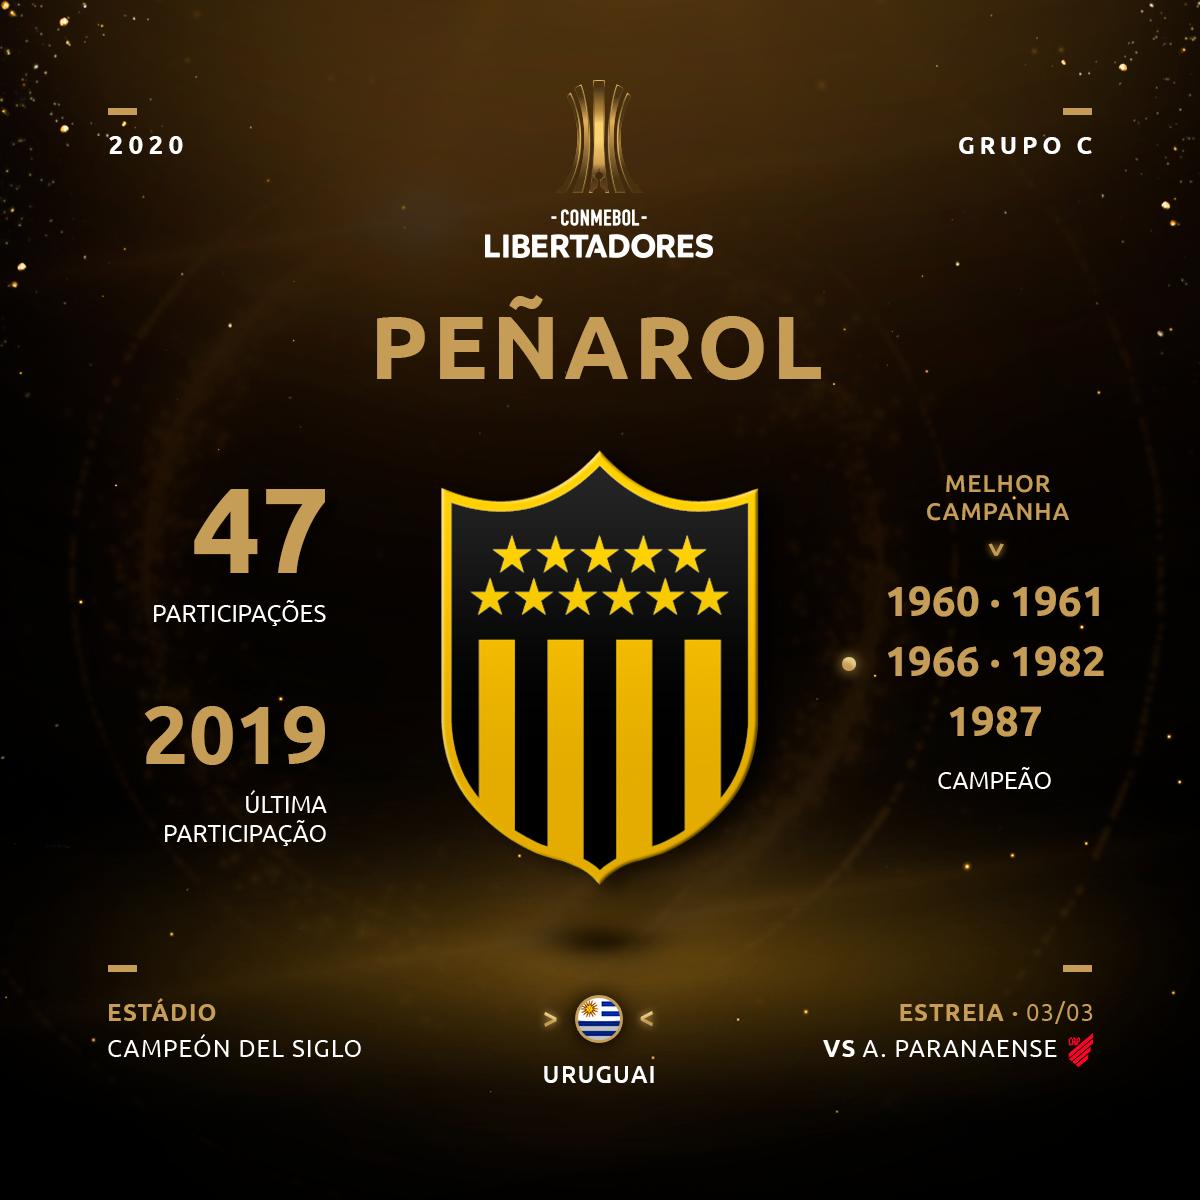 Peñarol Histórico Libertadores